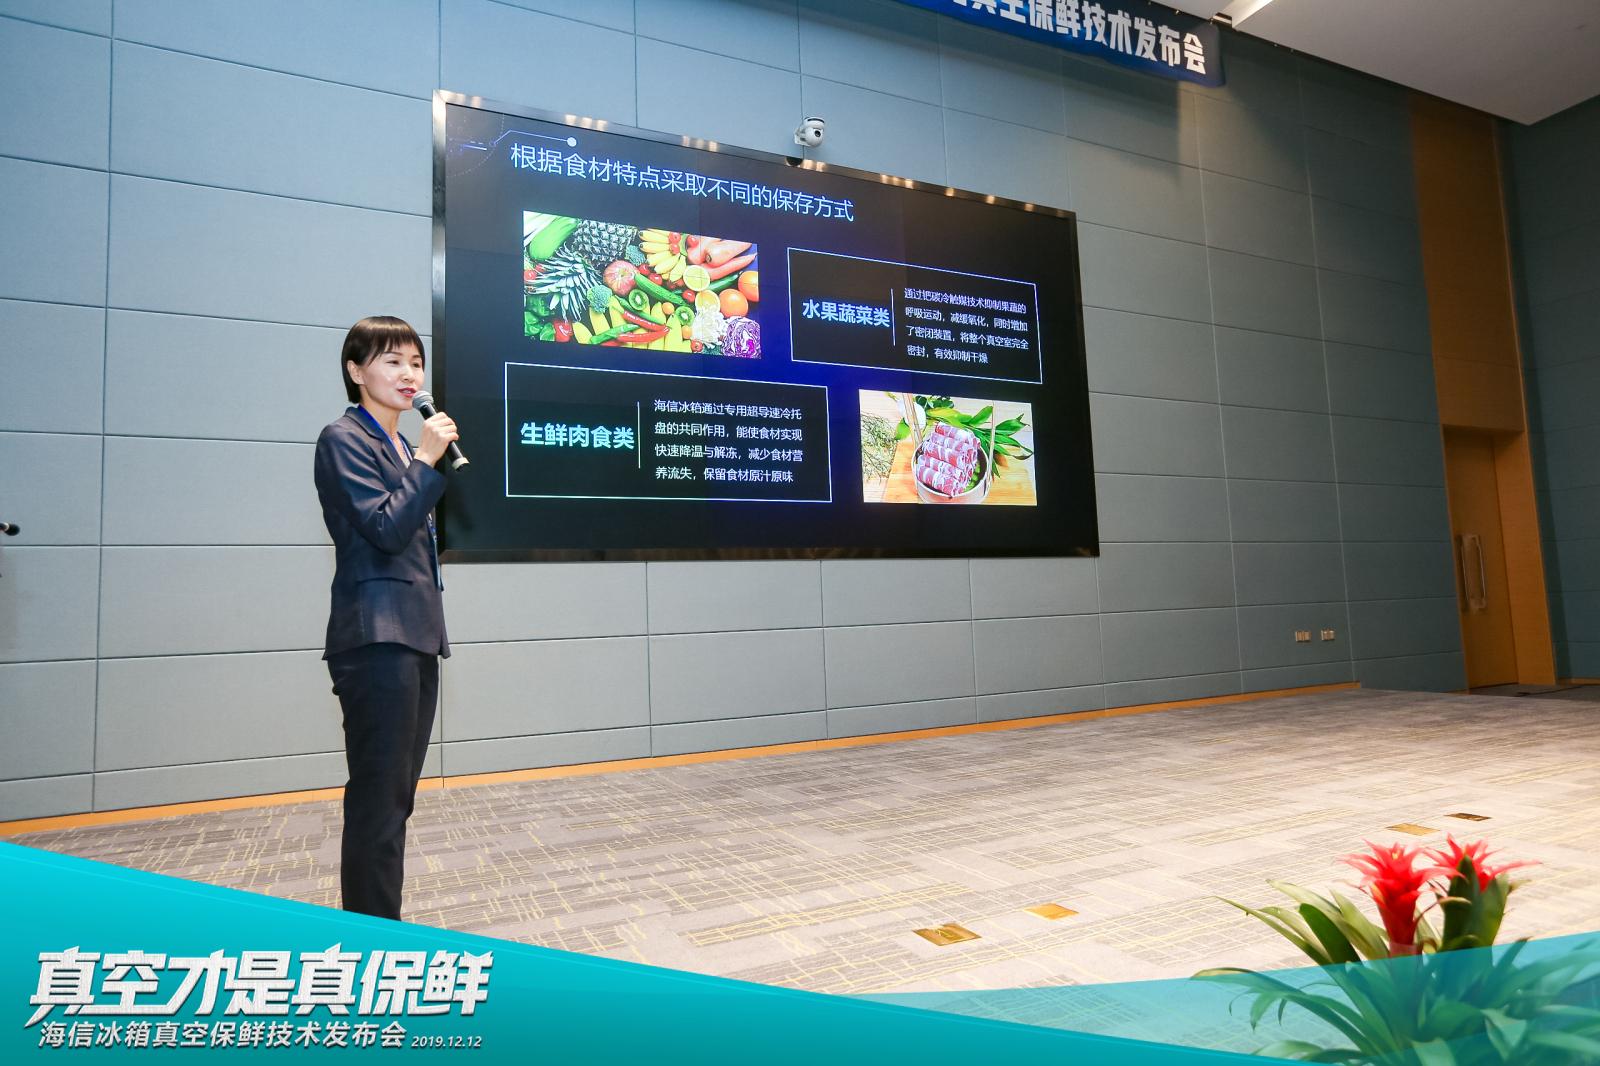 海信刚刚发布最新保鲜技术,菠菜在冰箱放12天水分仅少了3%